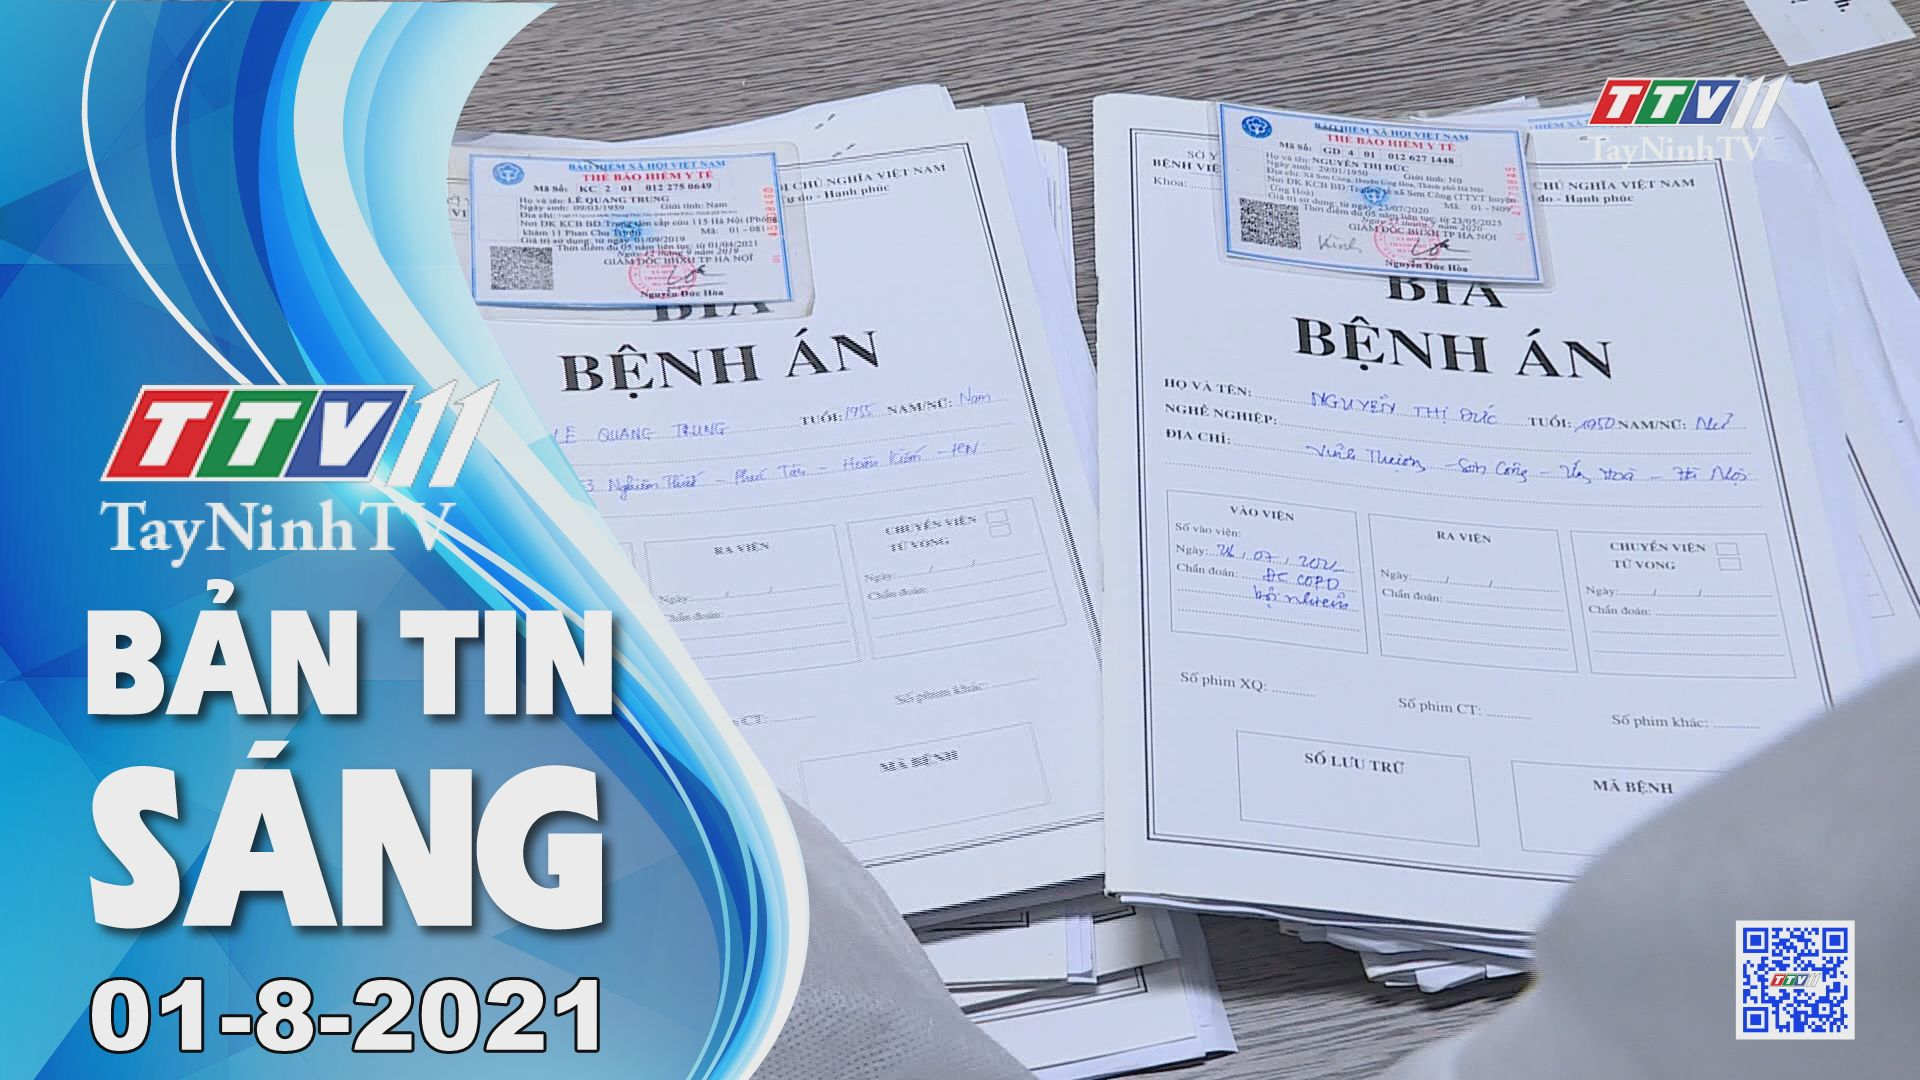 Bản tin sáng 01-8-2021 | Tin tức hôm nay | TayNinhTV